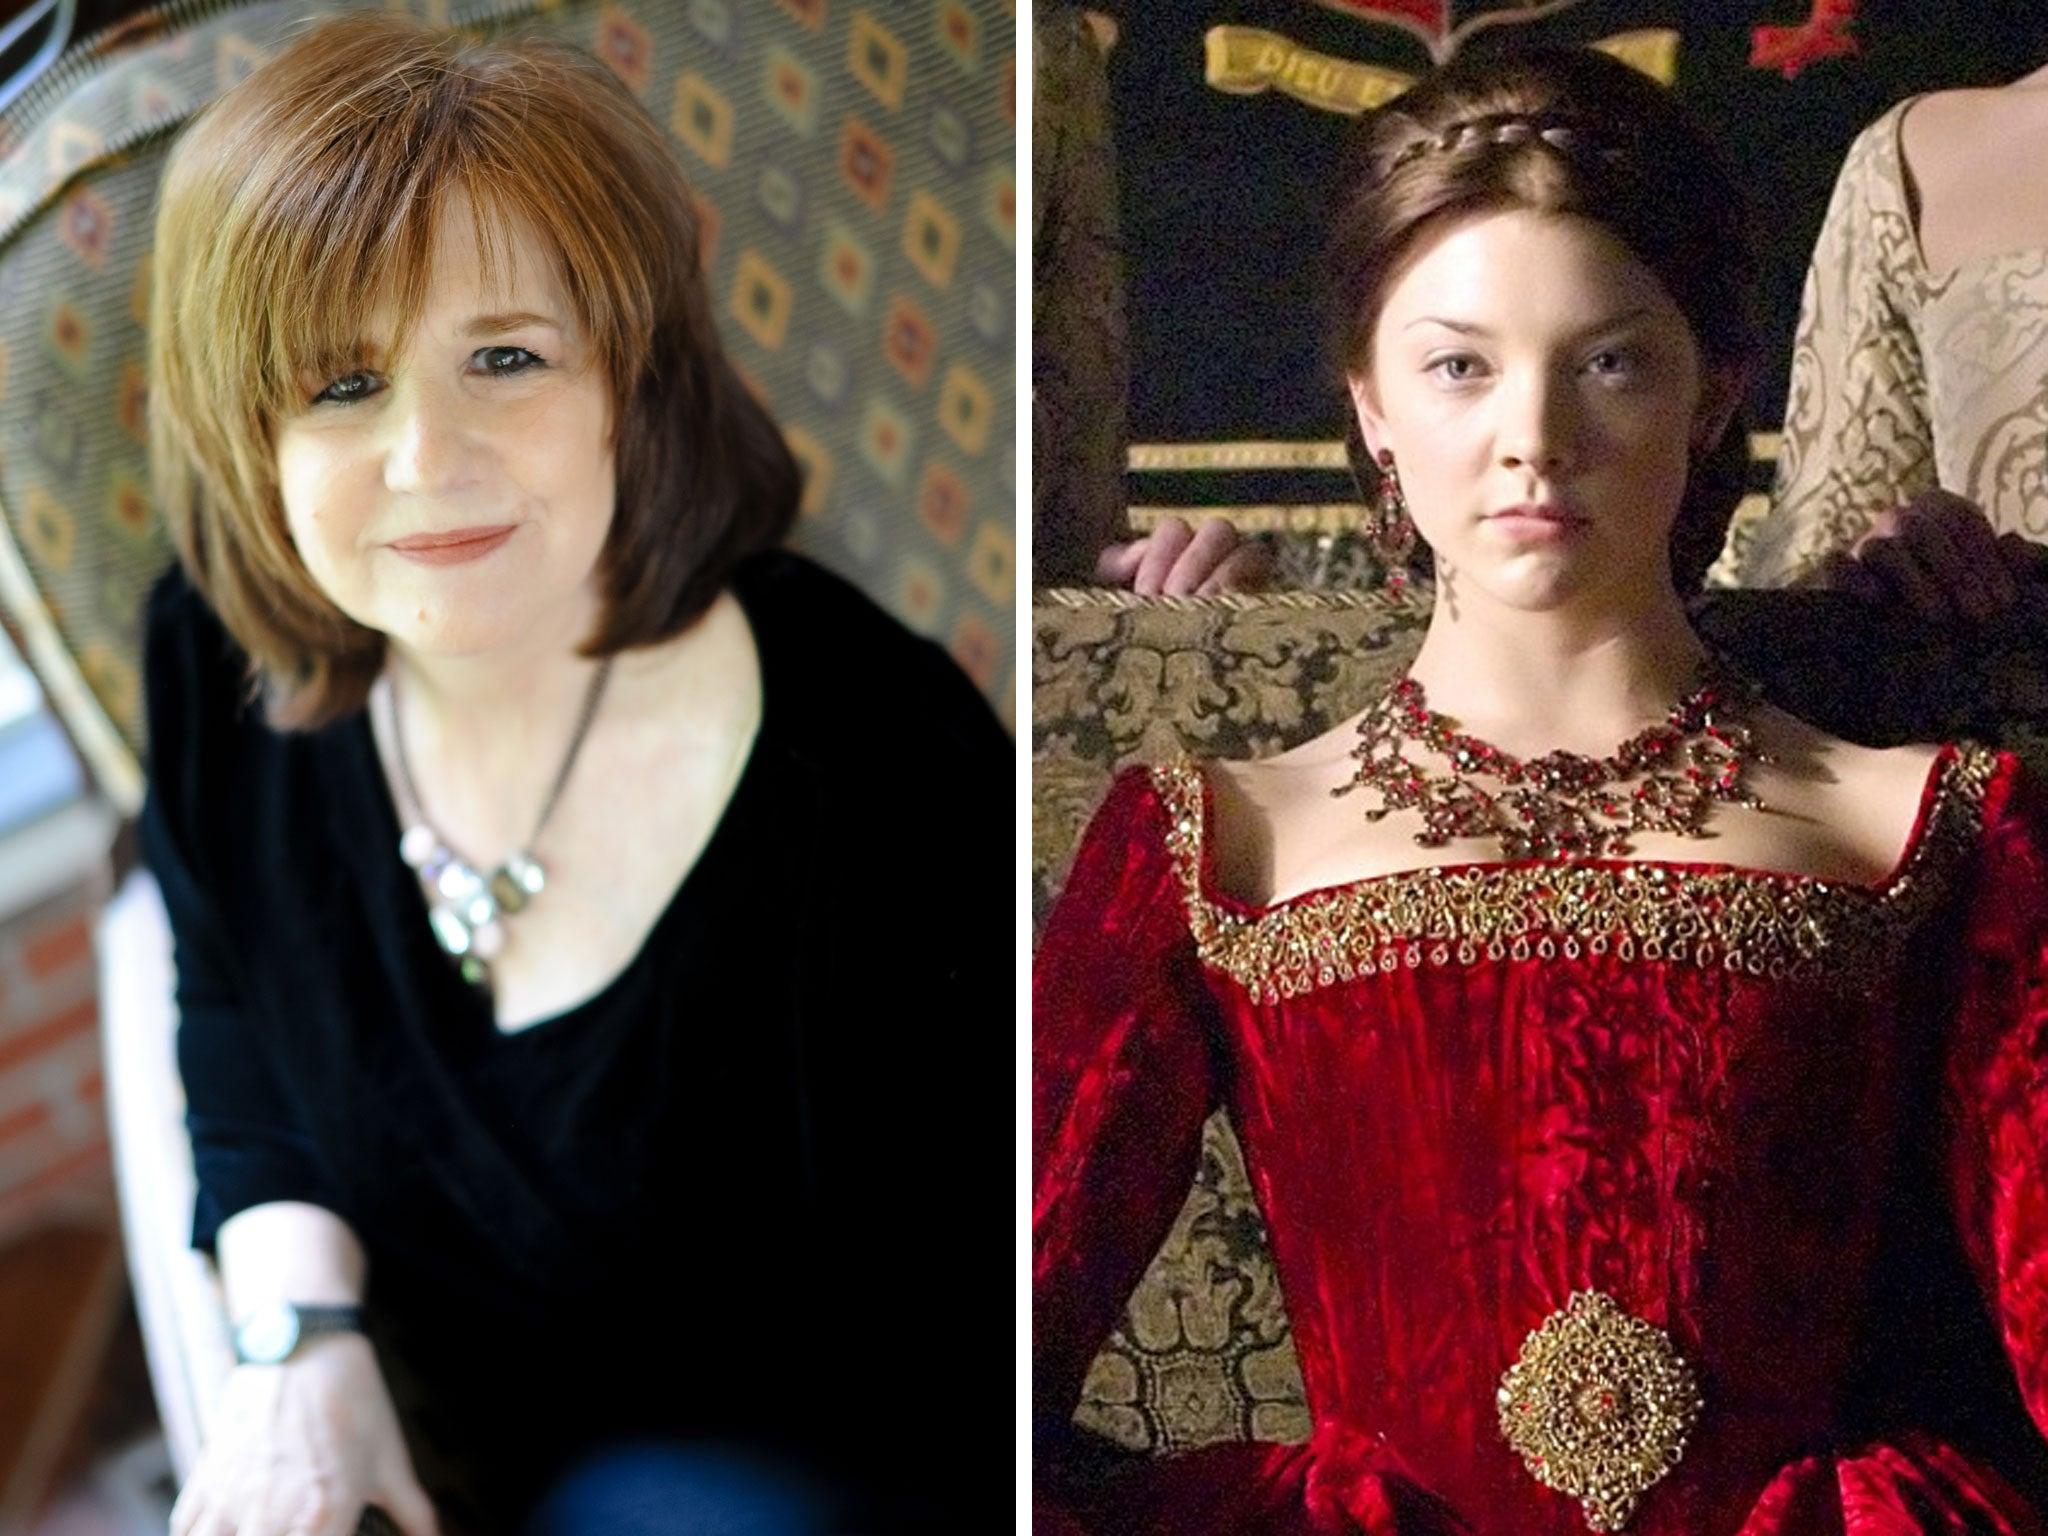 'Anne Boleyn was no soap seductress,' says US academic Susan Bordo